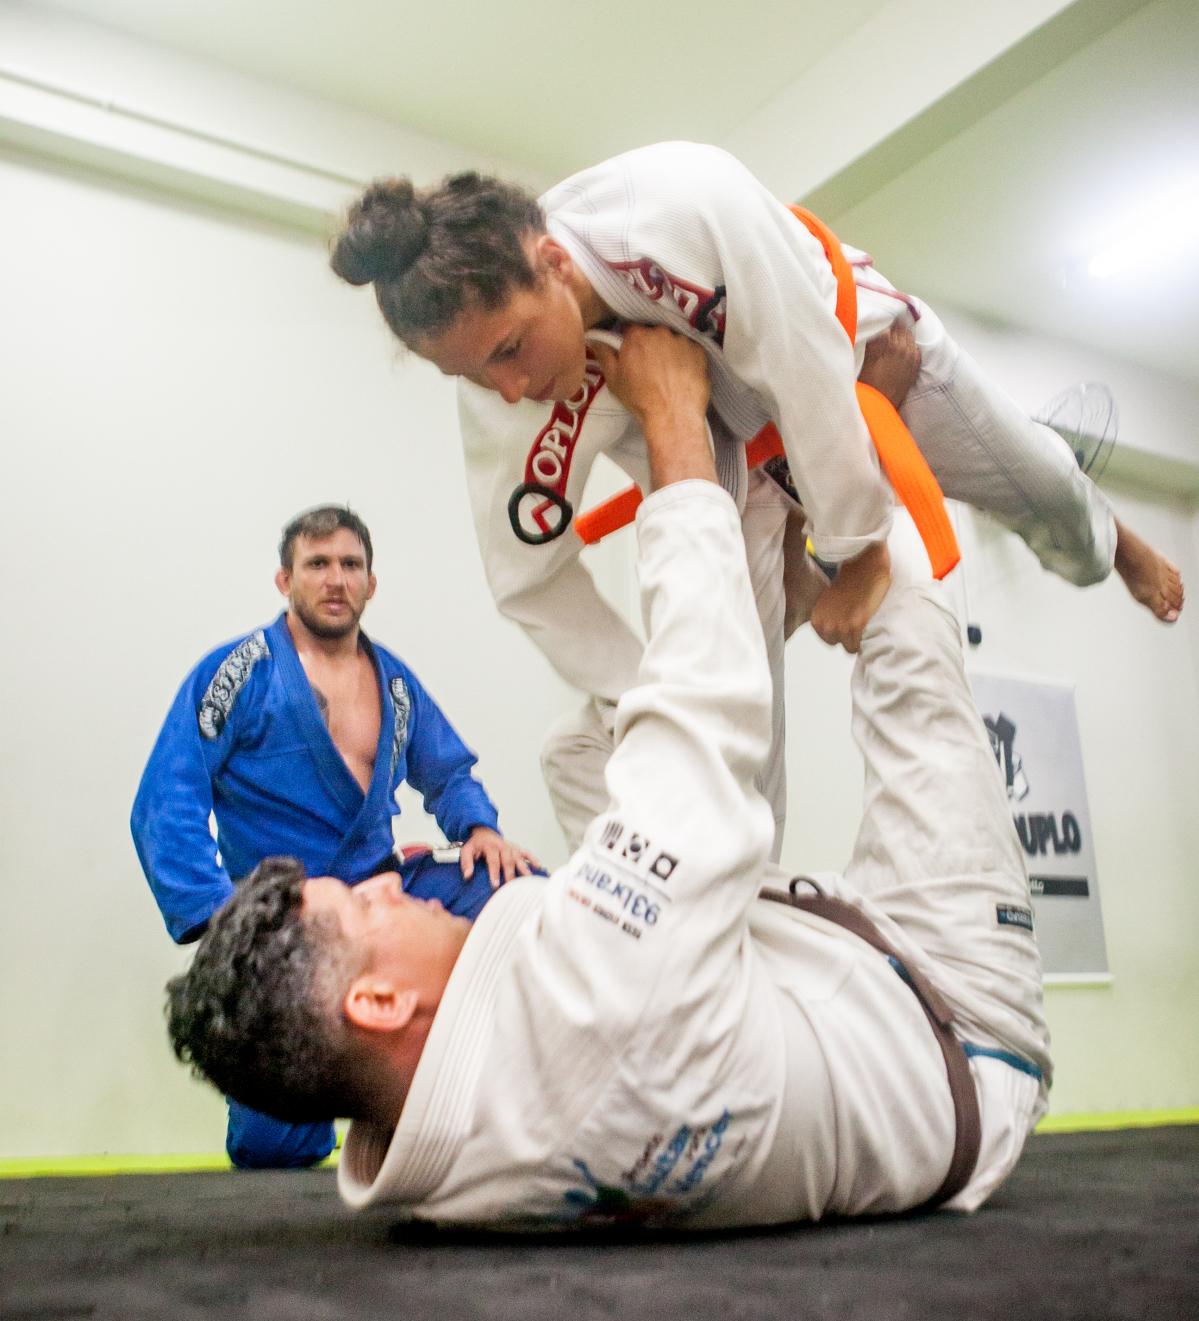 Daniele em treino com Jacson Botelho, sob o olhar de Nazareno Malegarie - Flávio Tin/ND